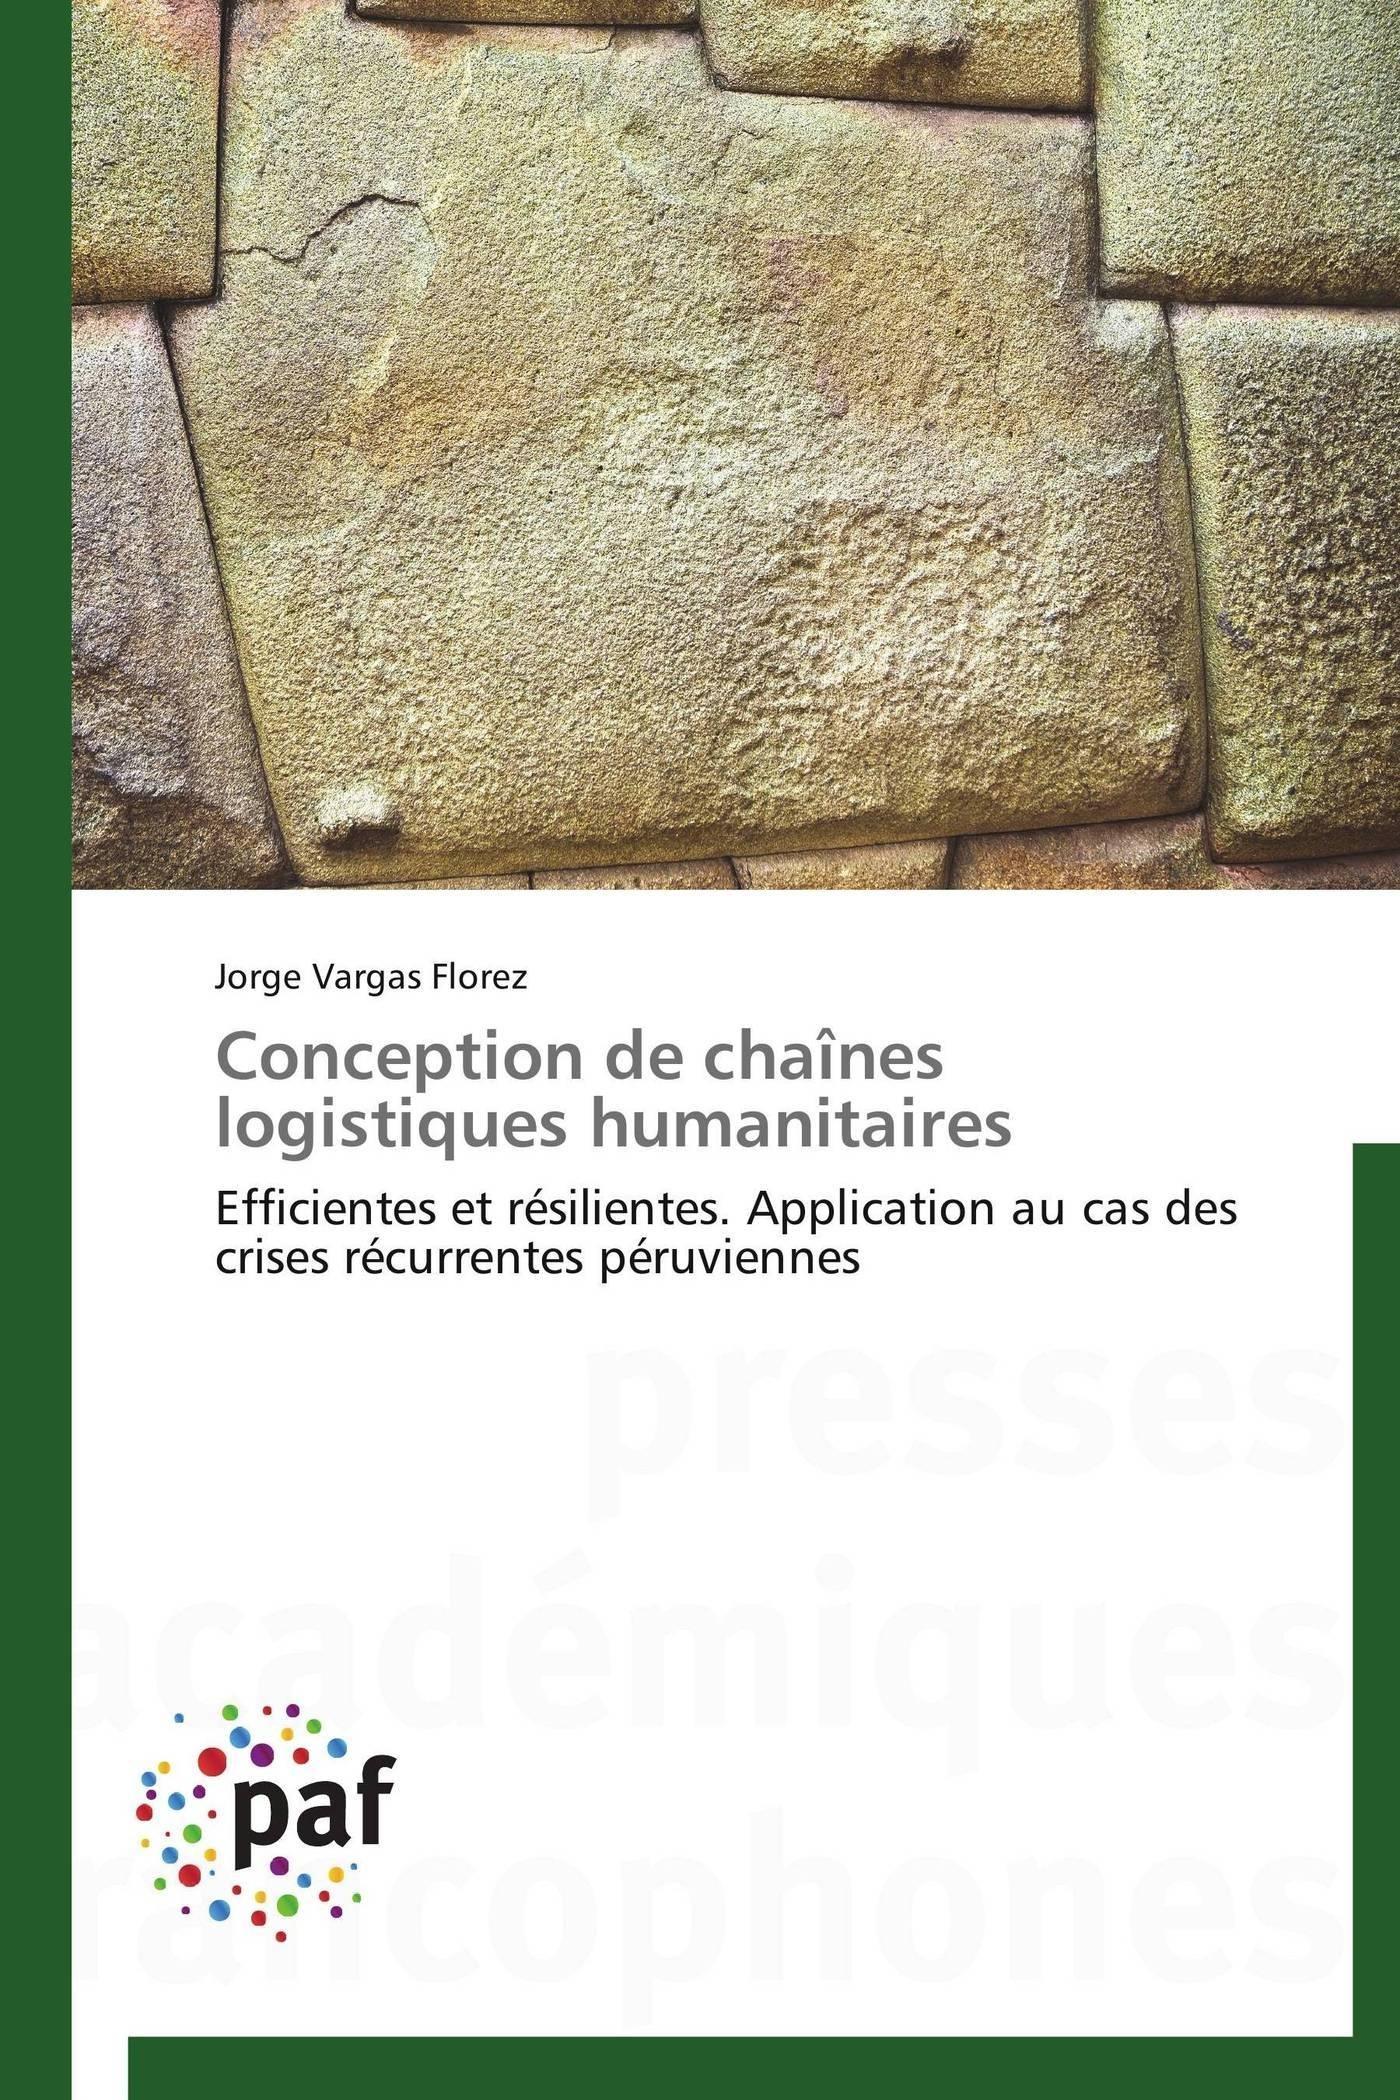 CONCEPTION DE CHAINES LOGISTIQUES HUMANITAIRES